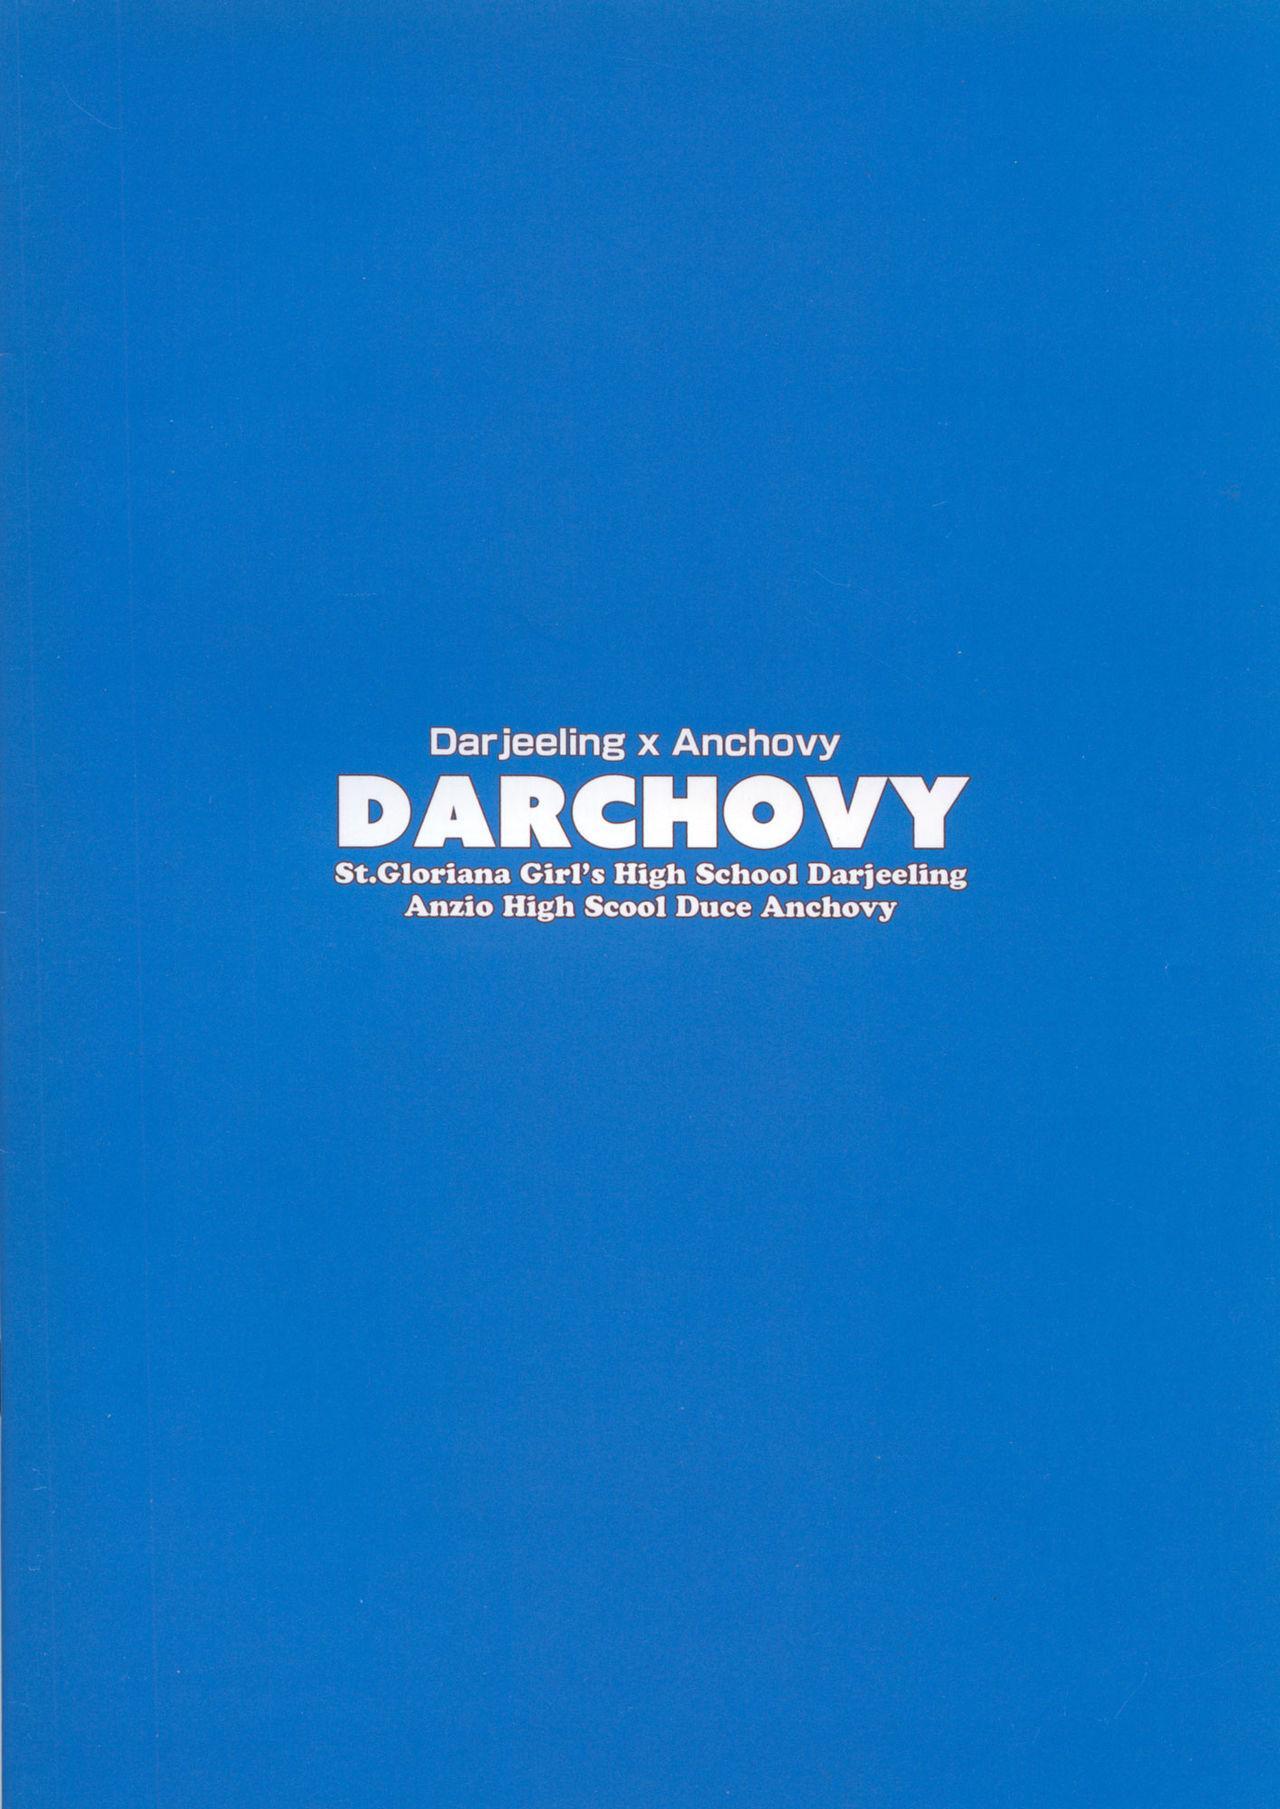 DARCHOVY 1